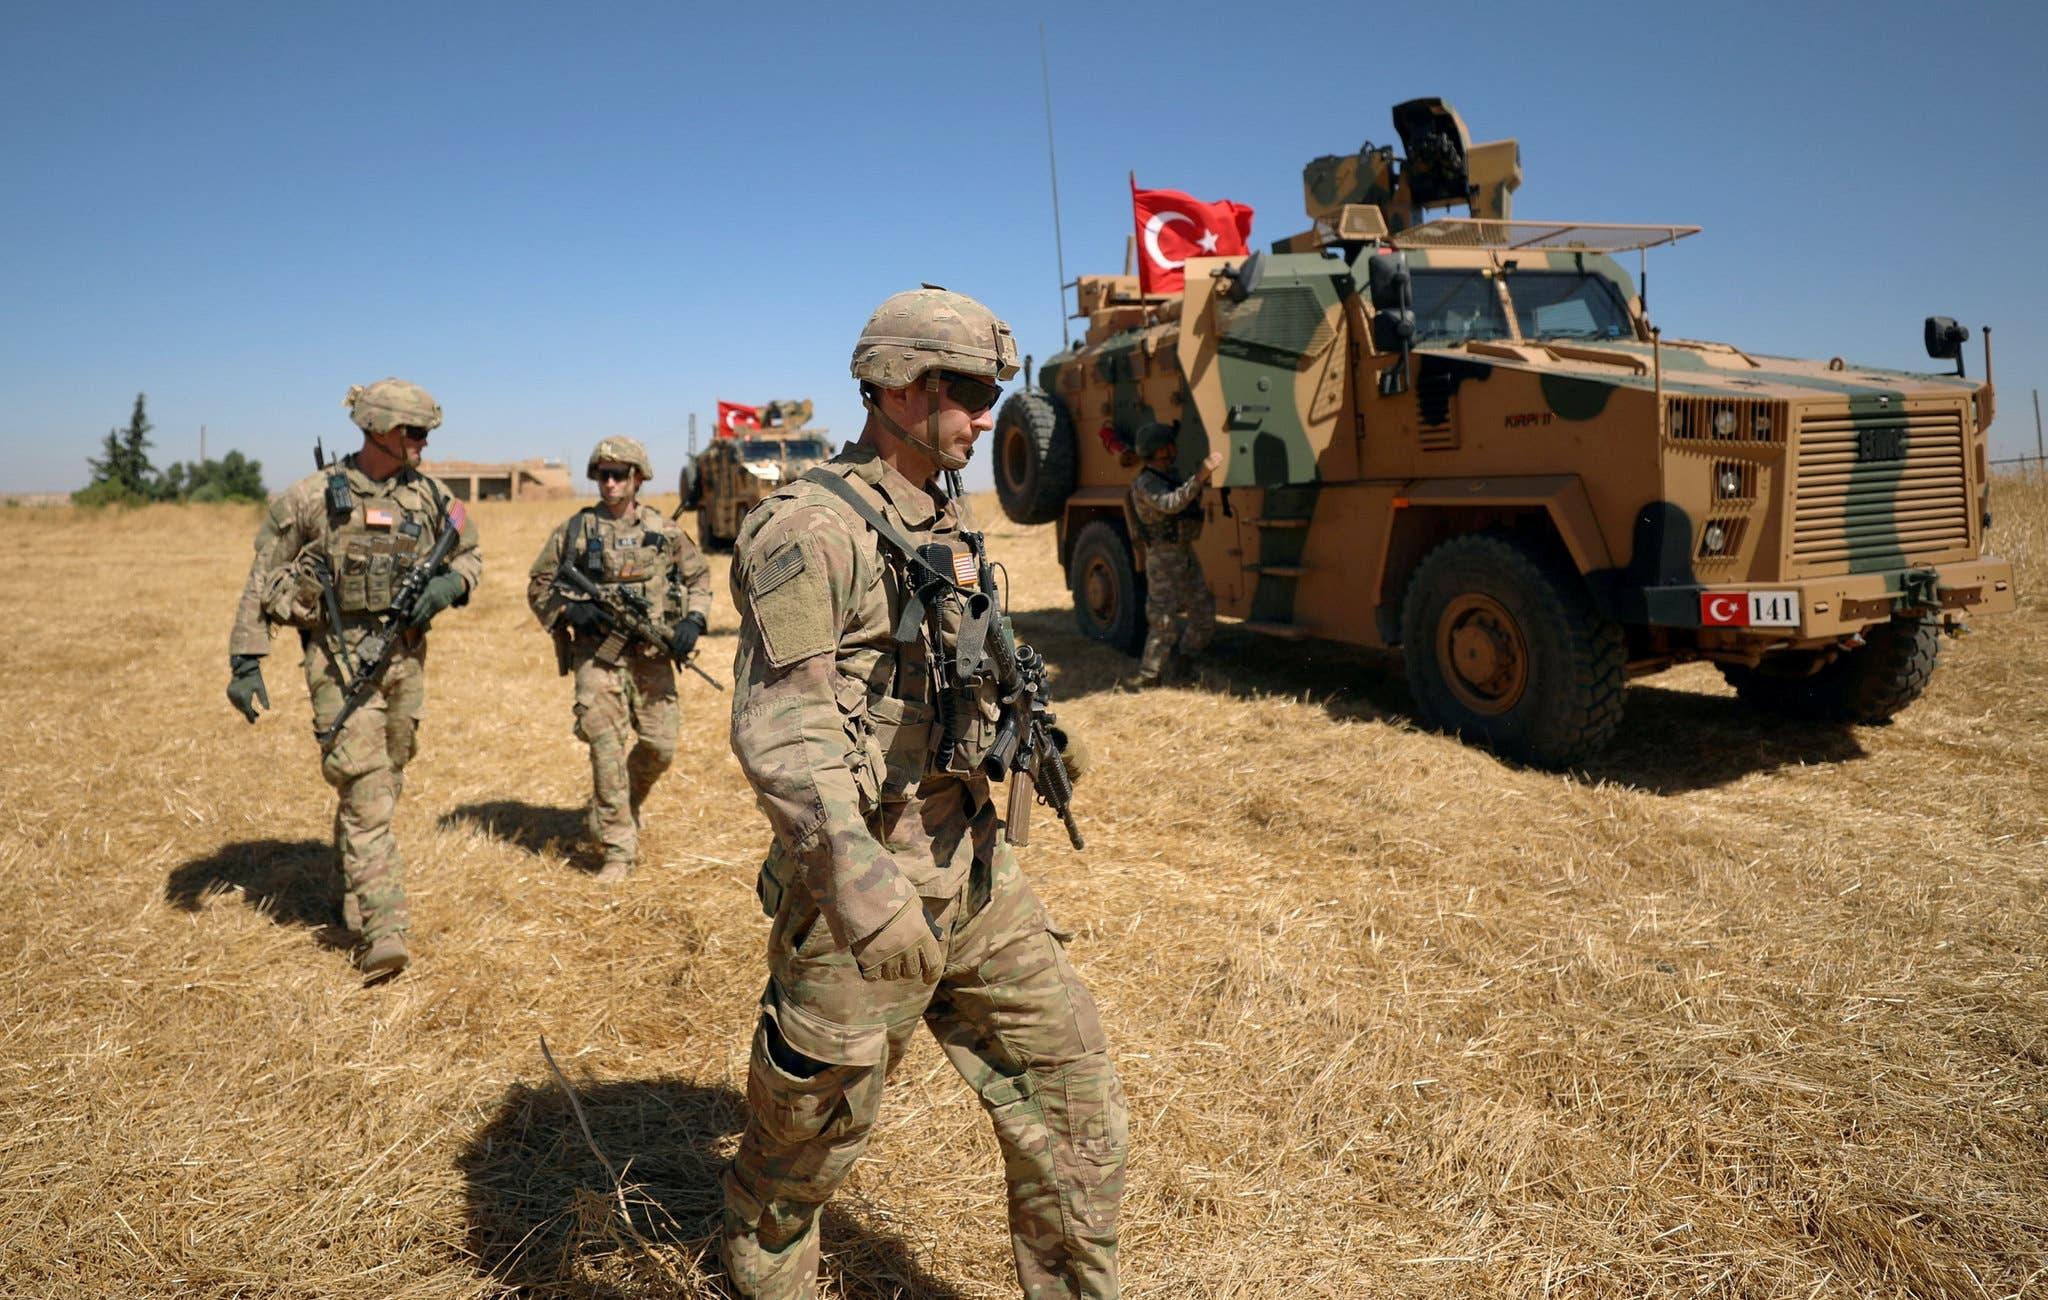 جنود أميركيون خلال الدوريات الأميركية التركية المشتركة بسوريا (أرشيفية)